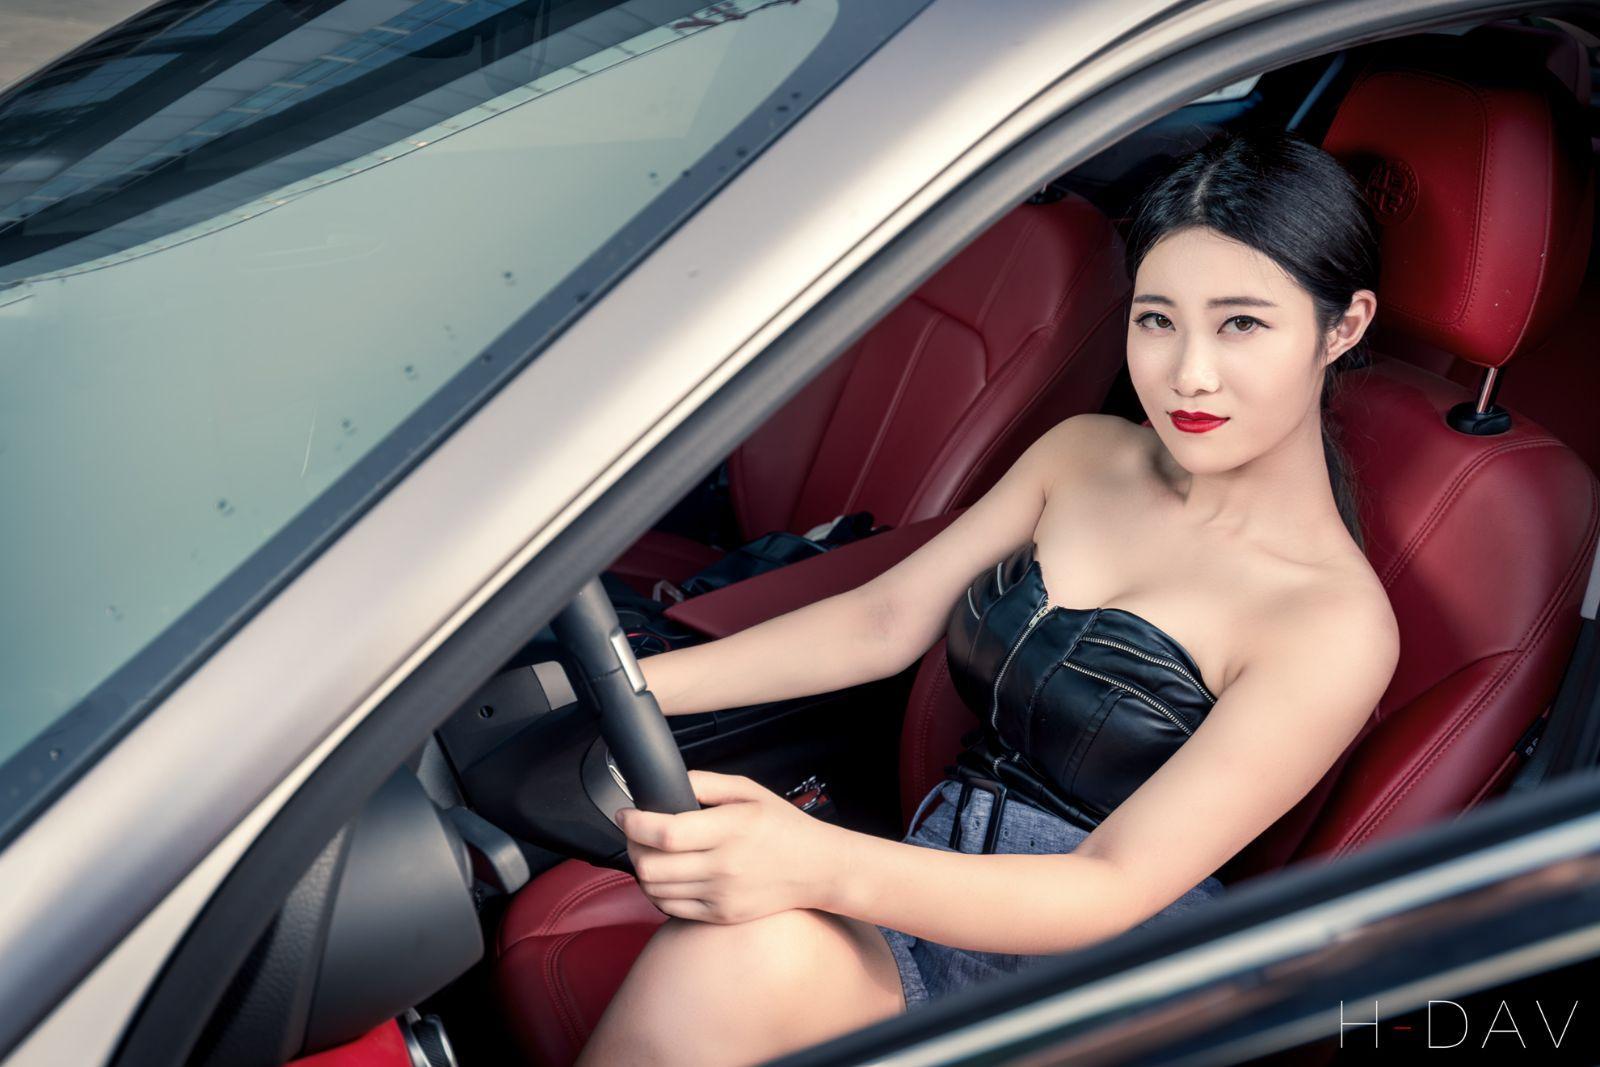 性感美女老板提车阿尔法罗密欧Giulia周年纪念